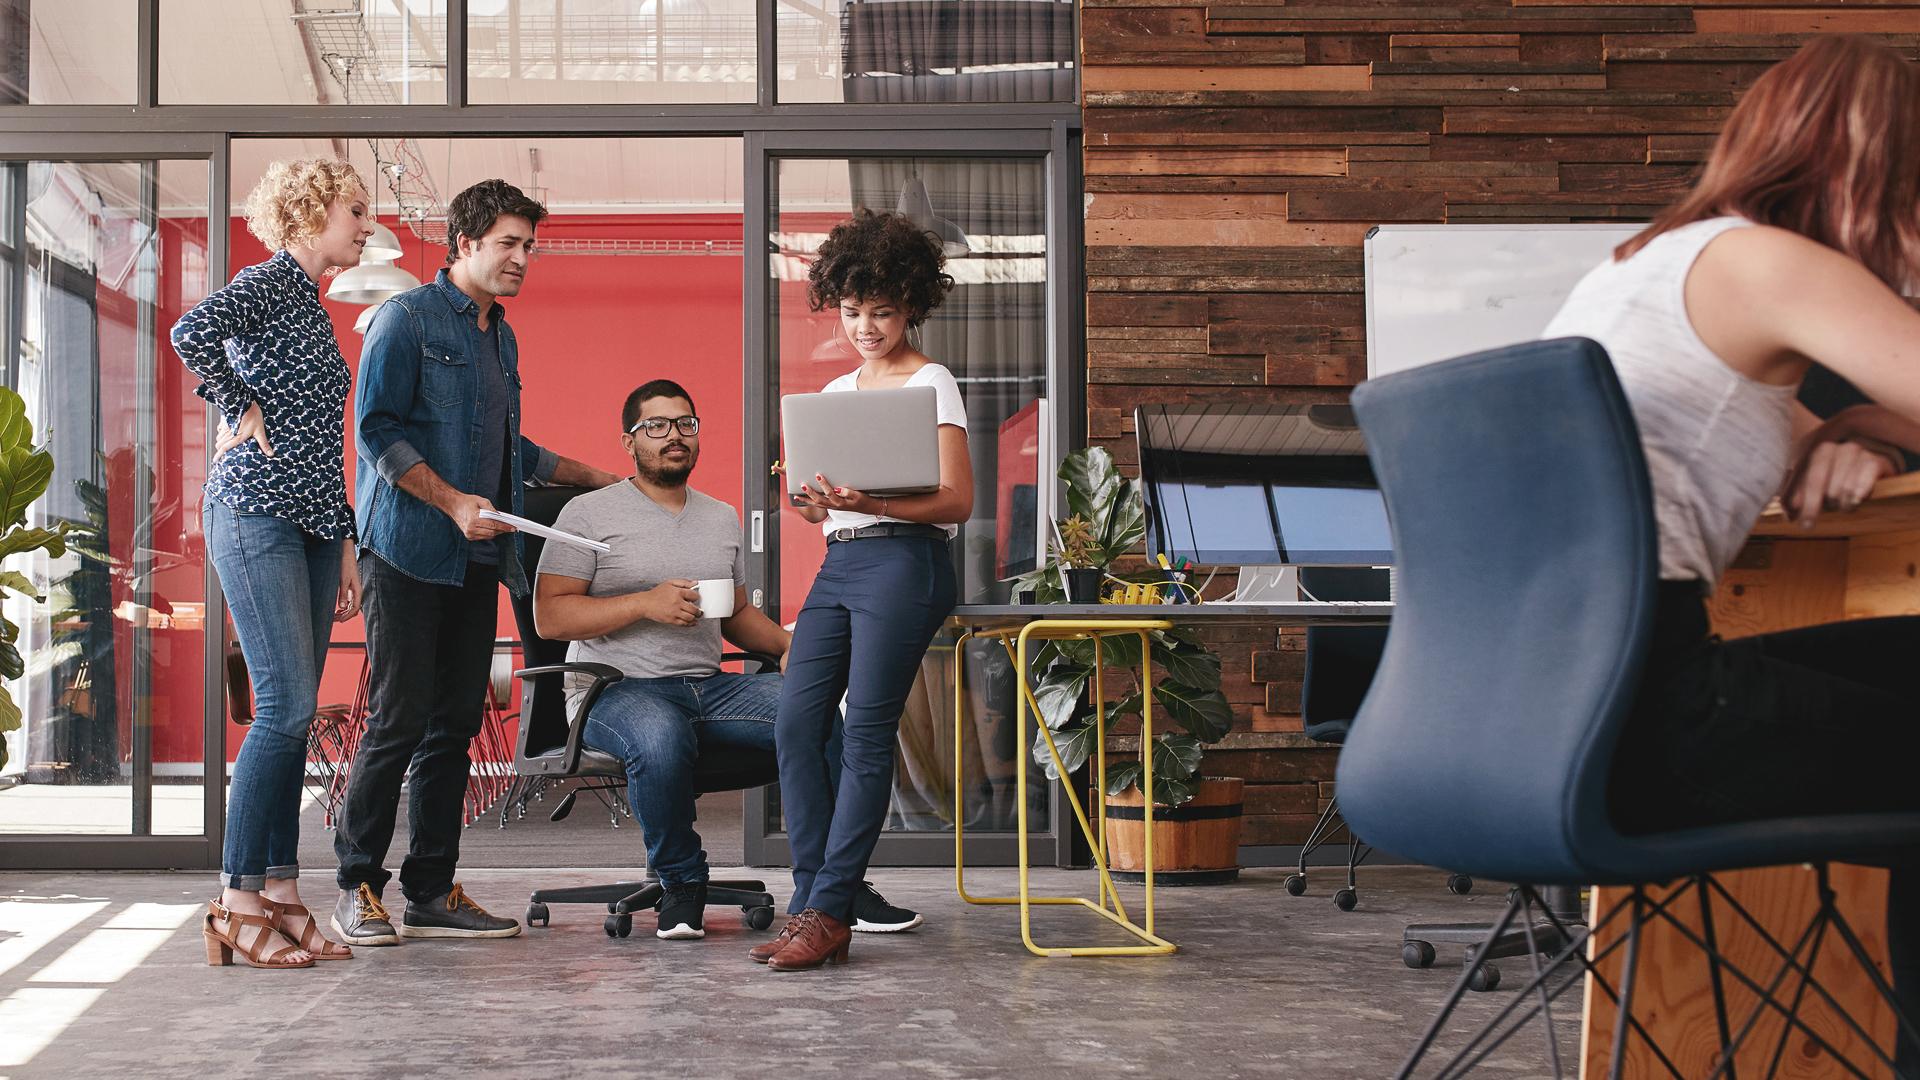 Equipe de uma startup trabalhando no modelo de negócio